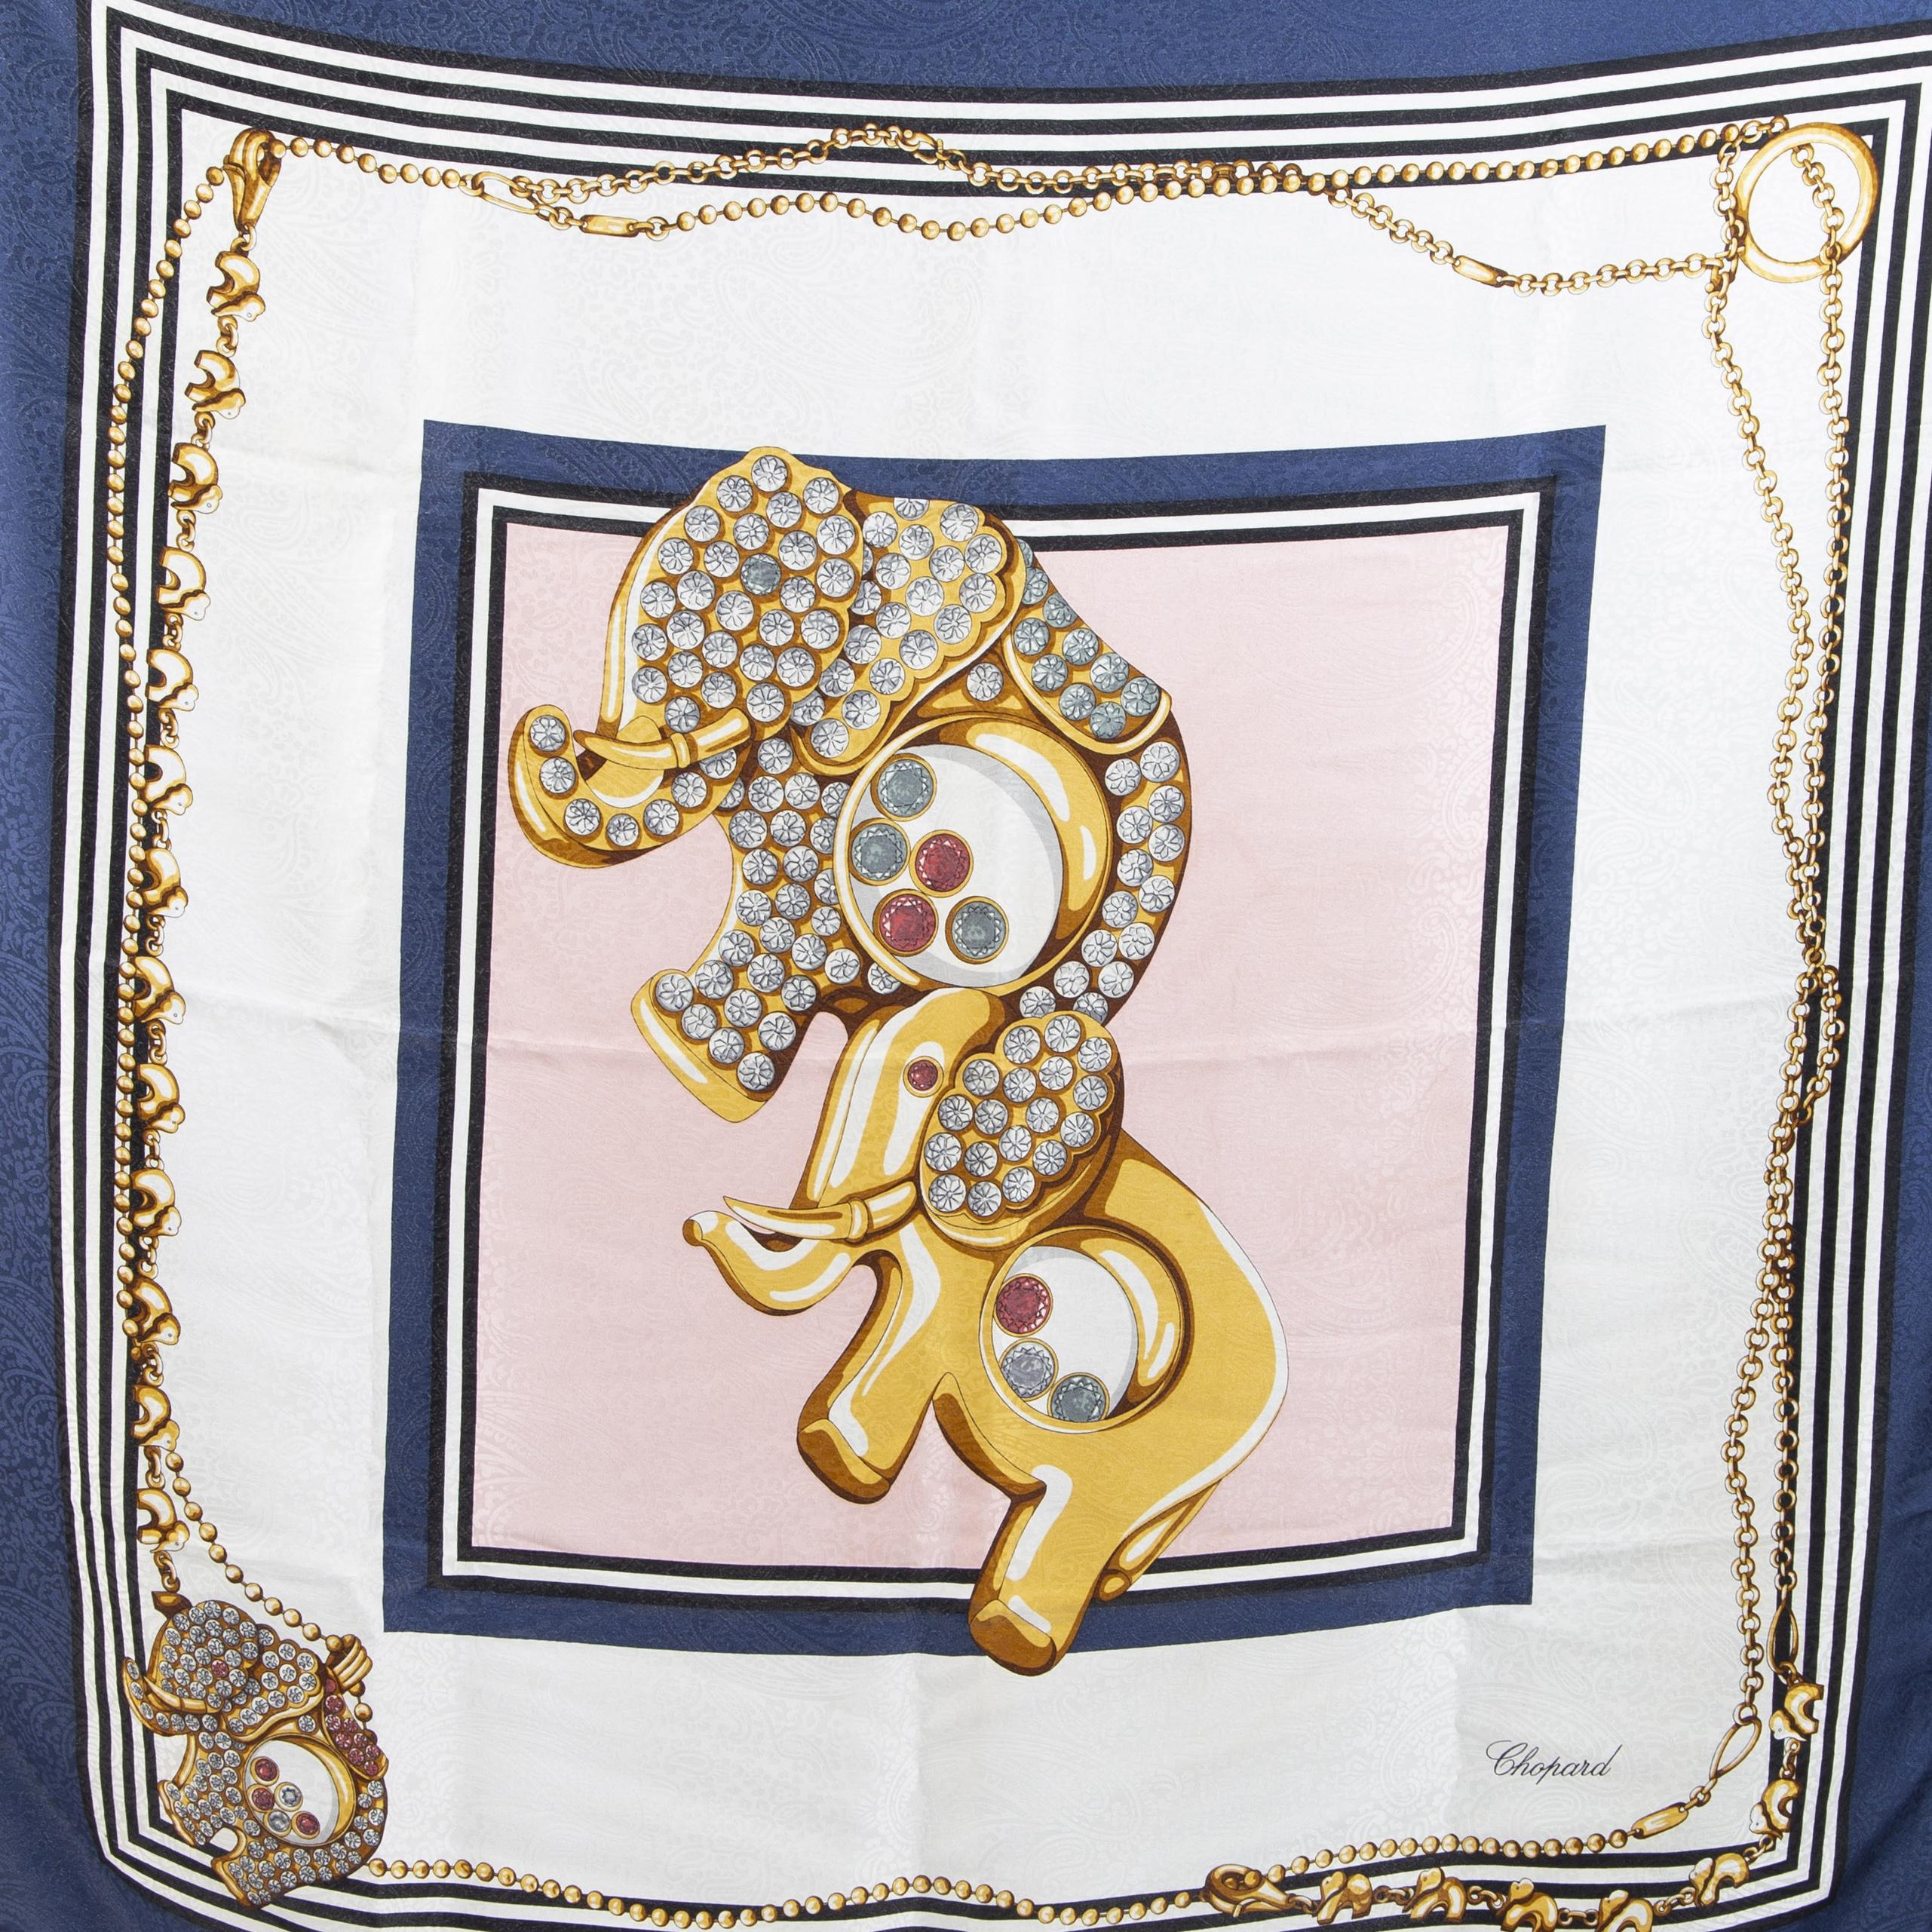 Authentieke Tweedehands Chopard Elephant Silk Scarf juiste prijs veilig online shoppen luxe merken webshop winkelen Antwerpen België mode fashion